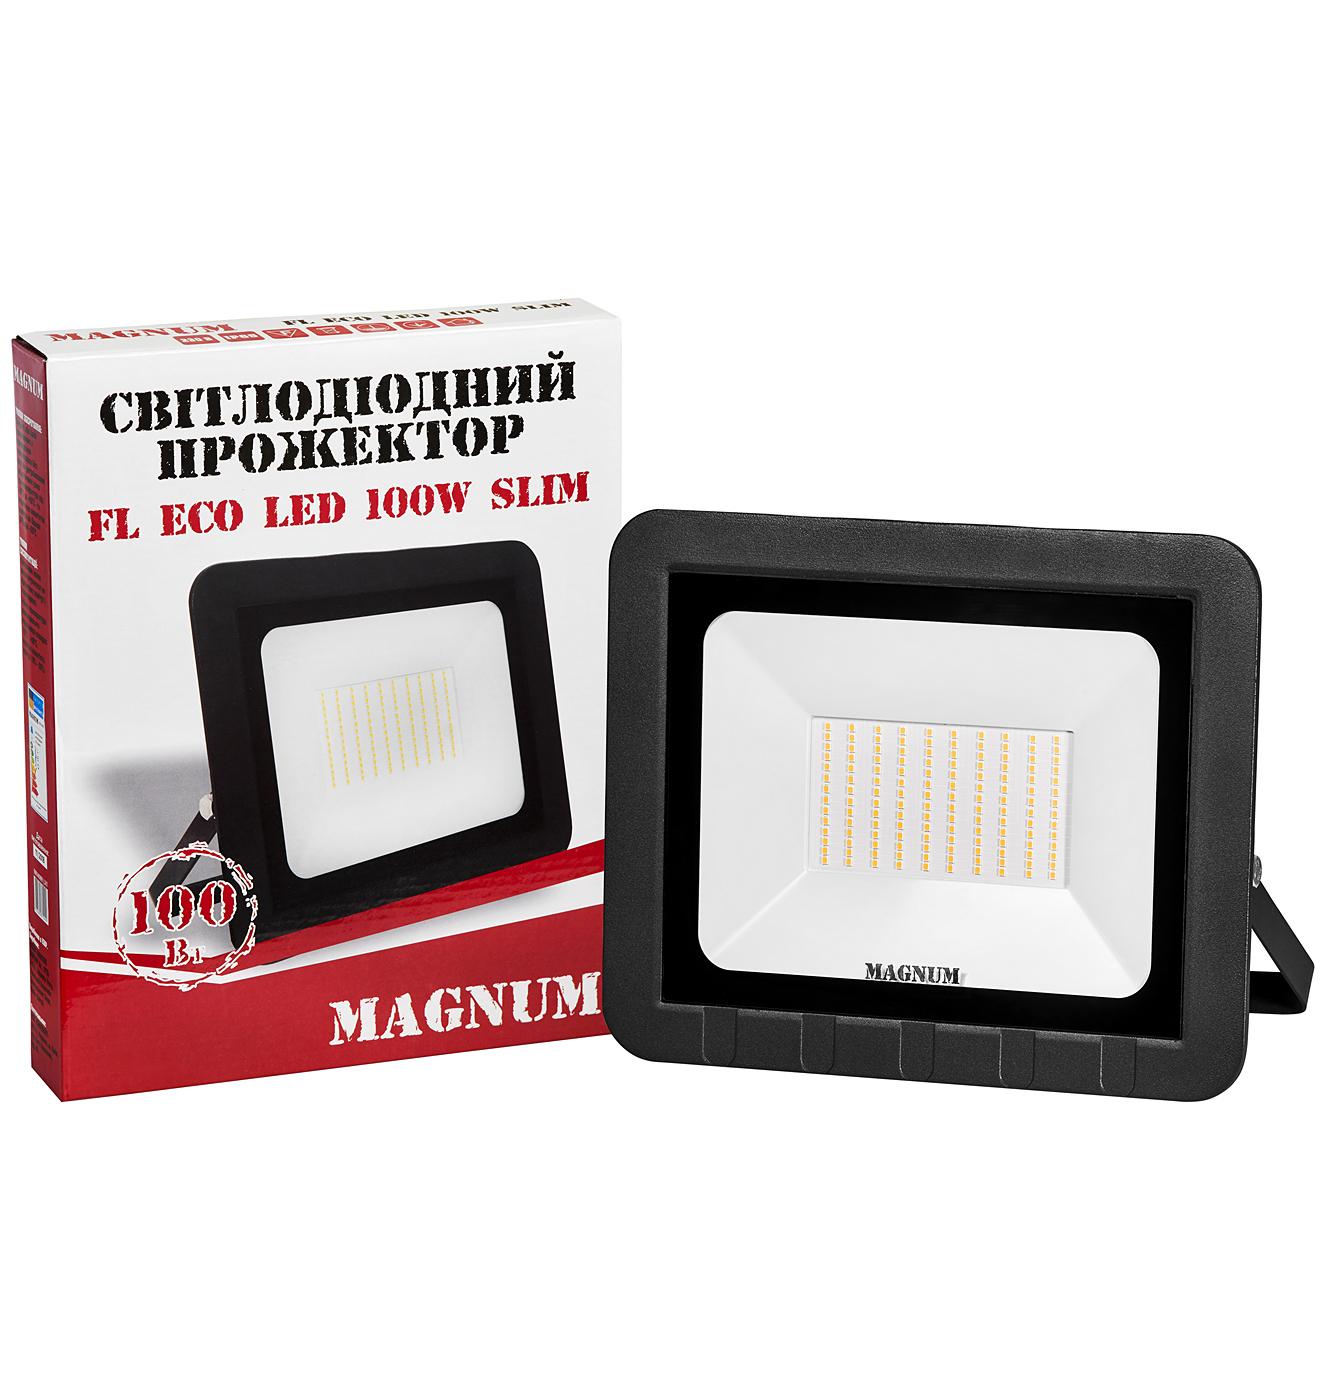 Прожектор світлодіодний MAGNUM FL ECO LED 100Вт slim 6500К IP65